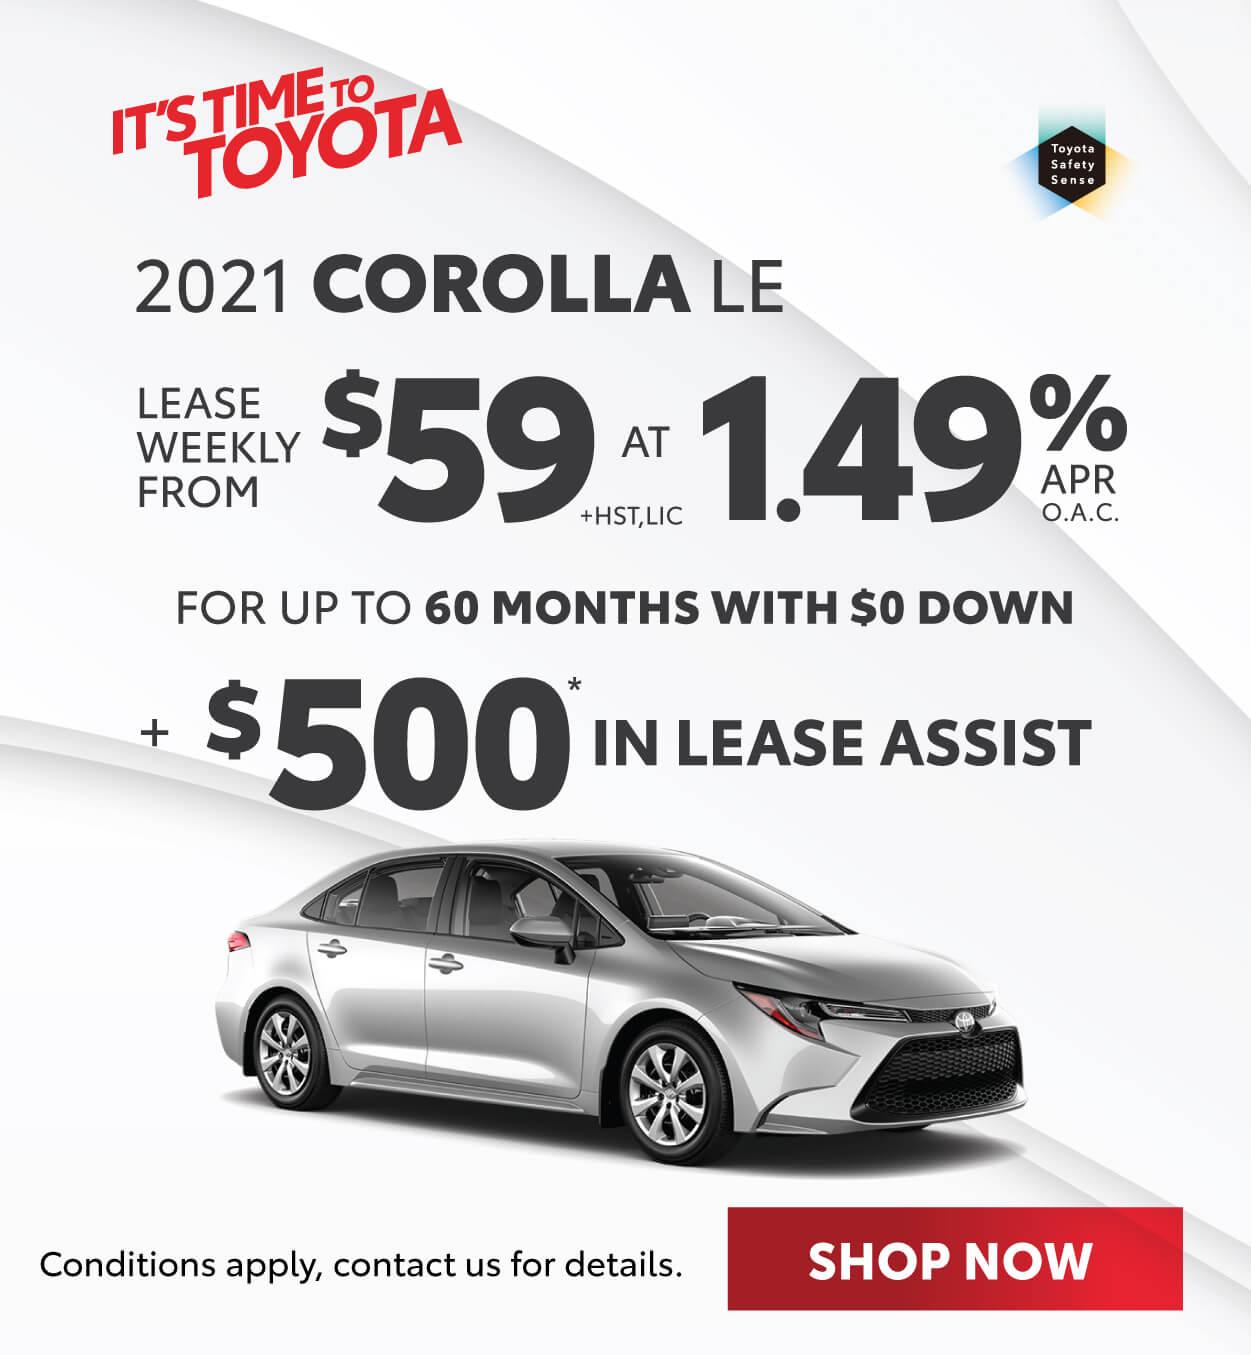 2021 Corolla Georgetown Toyota